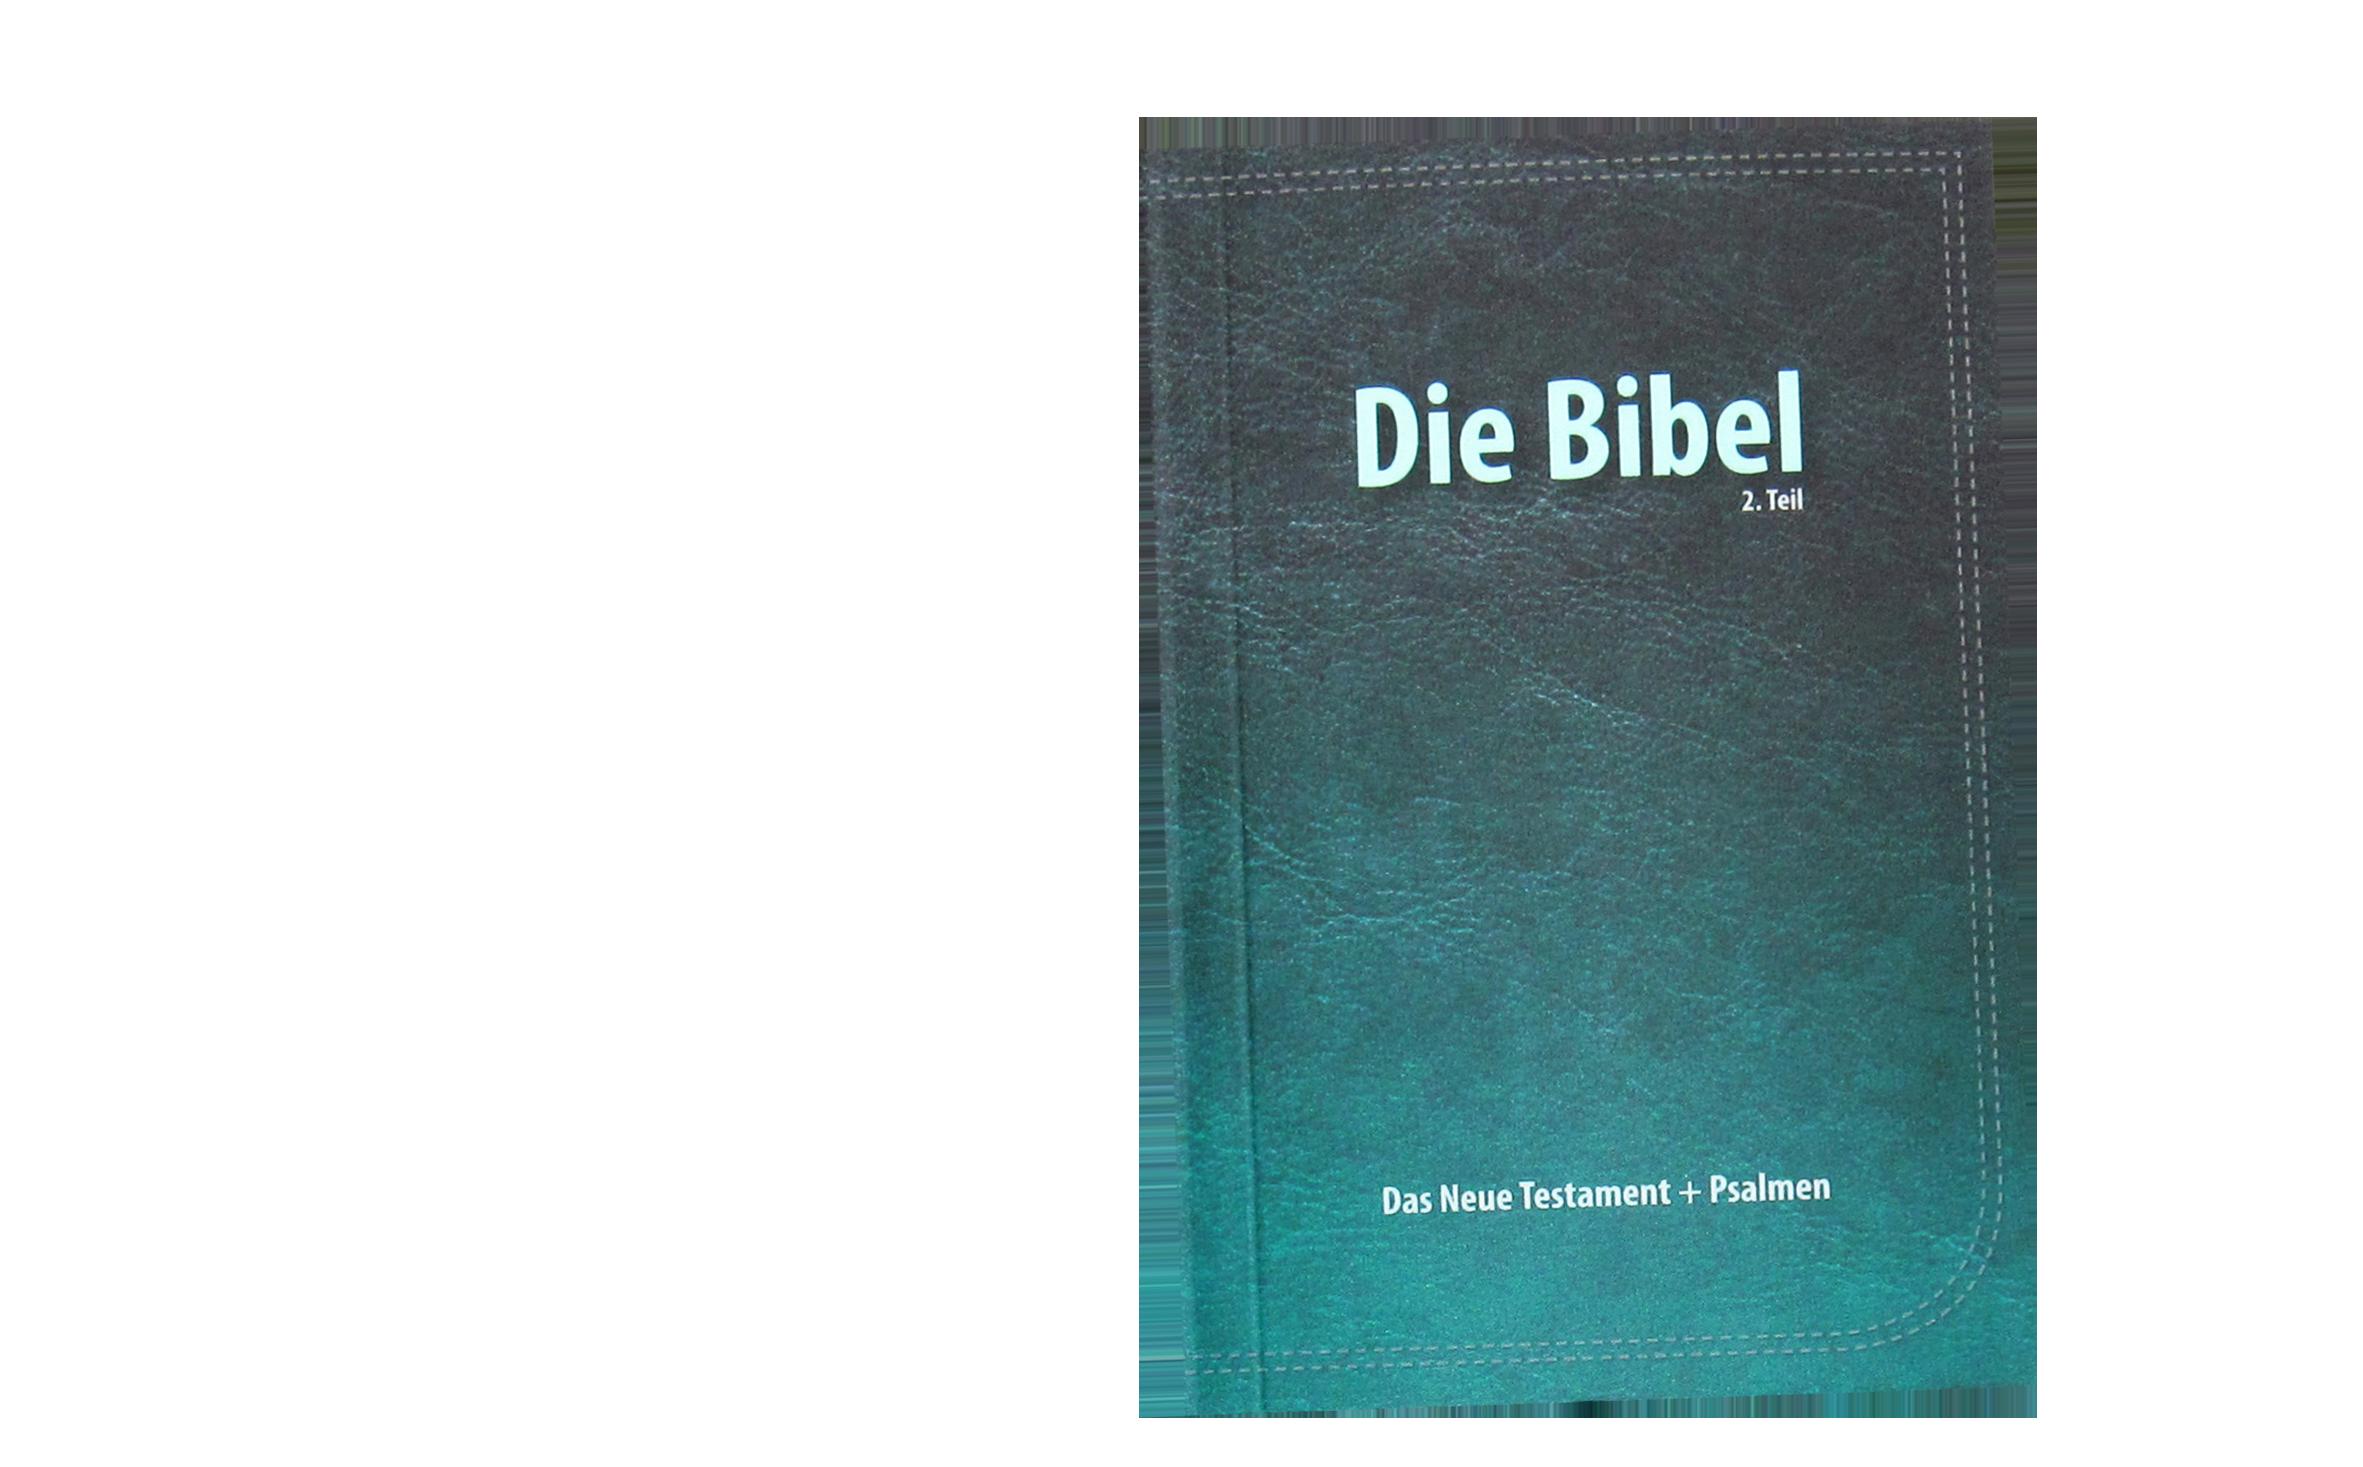 Gratis Bibel Bestellen